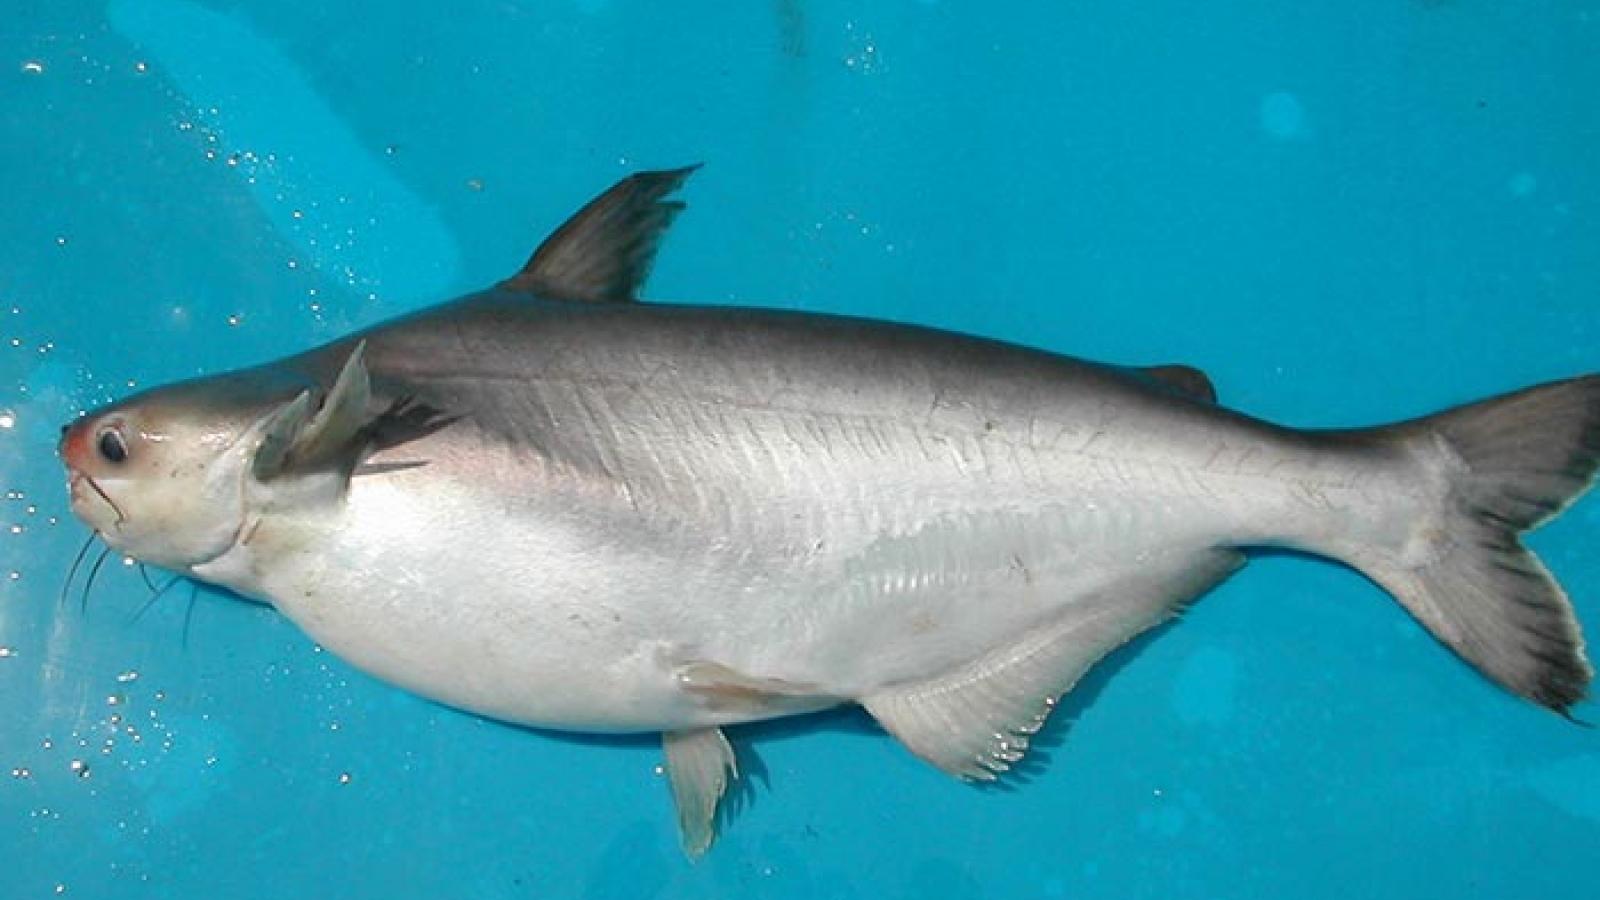 Đặc sản cá dứa thuộc diện hàng hiếm, thương lái lùng mua dù giá đắt đỏ